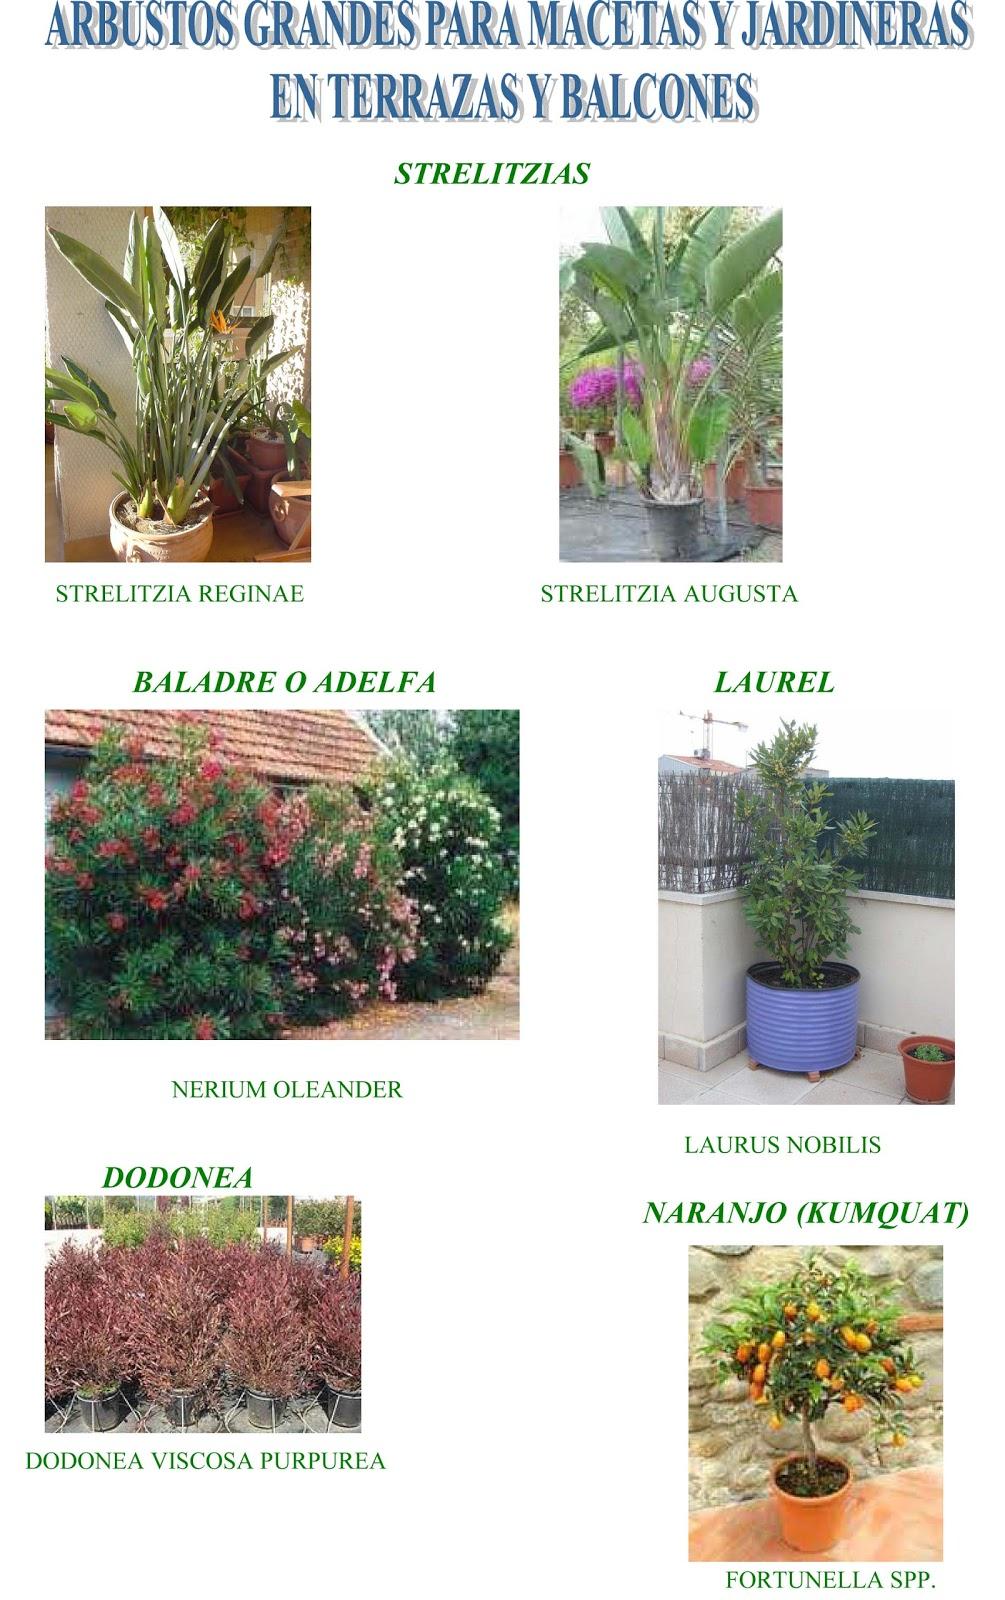 Jara jardiner a y paisajismo arbustos grandes para for Arbustos para macetas exterior